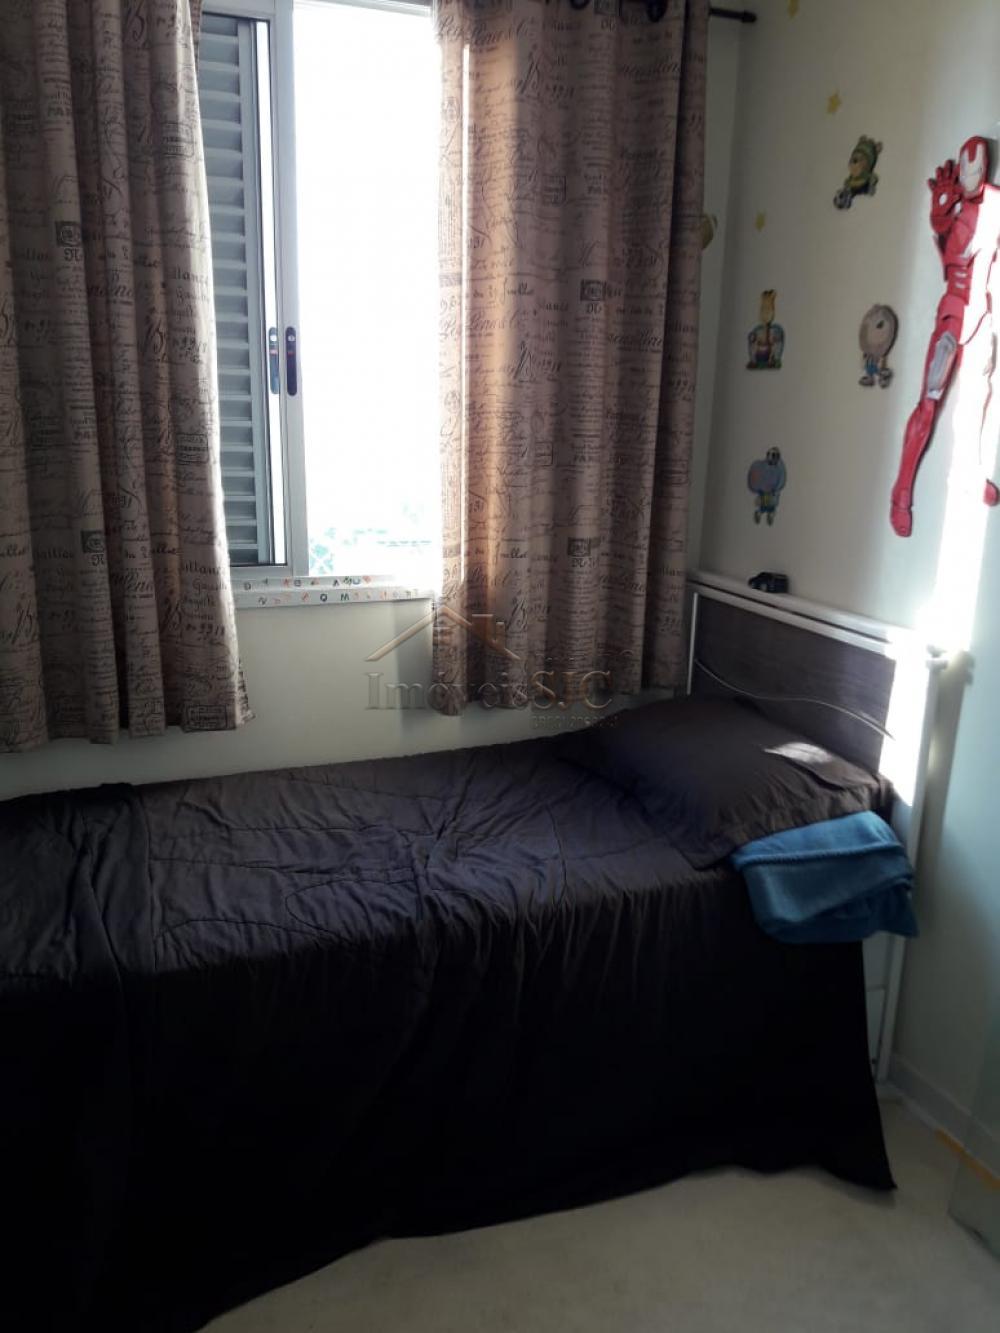 Comprar Apartamentos / Padrão em São José dos Campos apenas R$ 405.000,00 - Foto 7